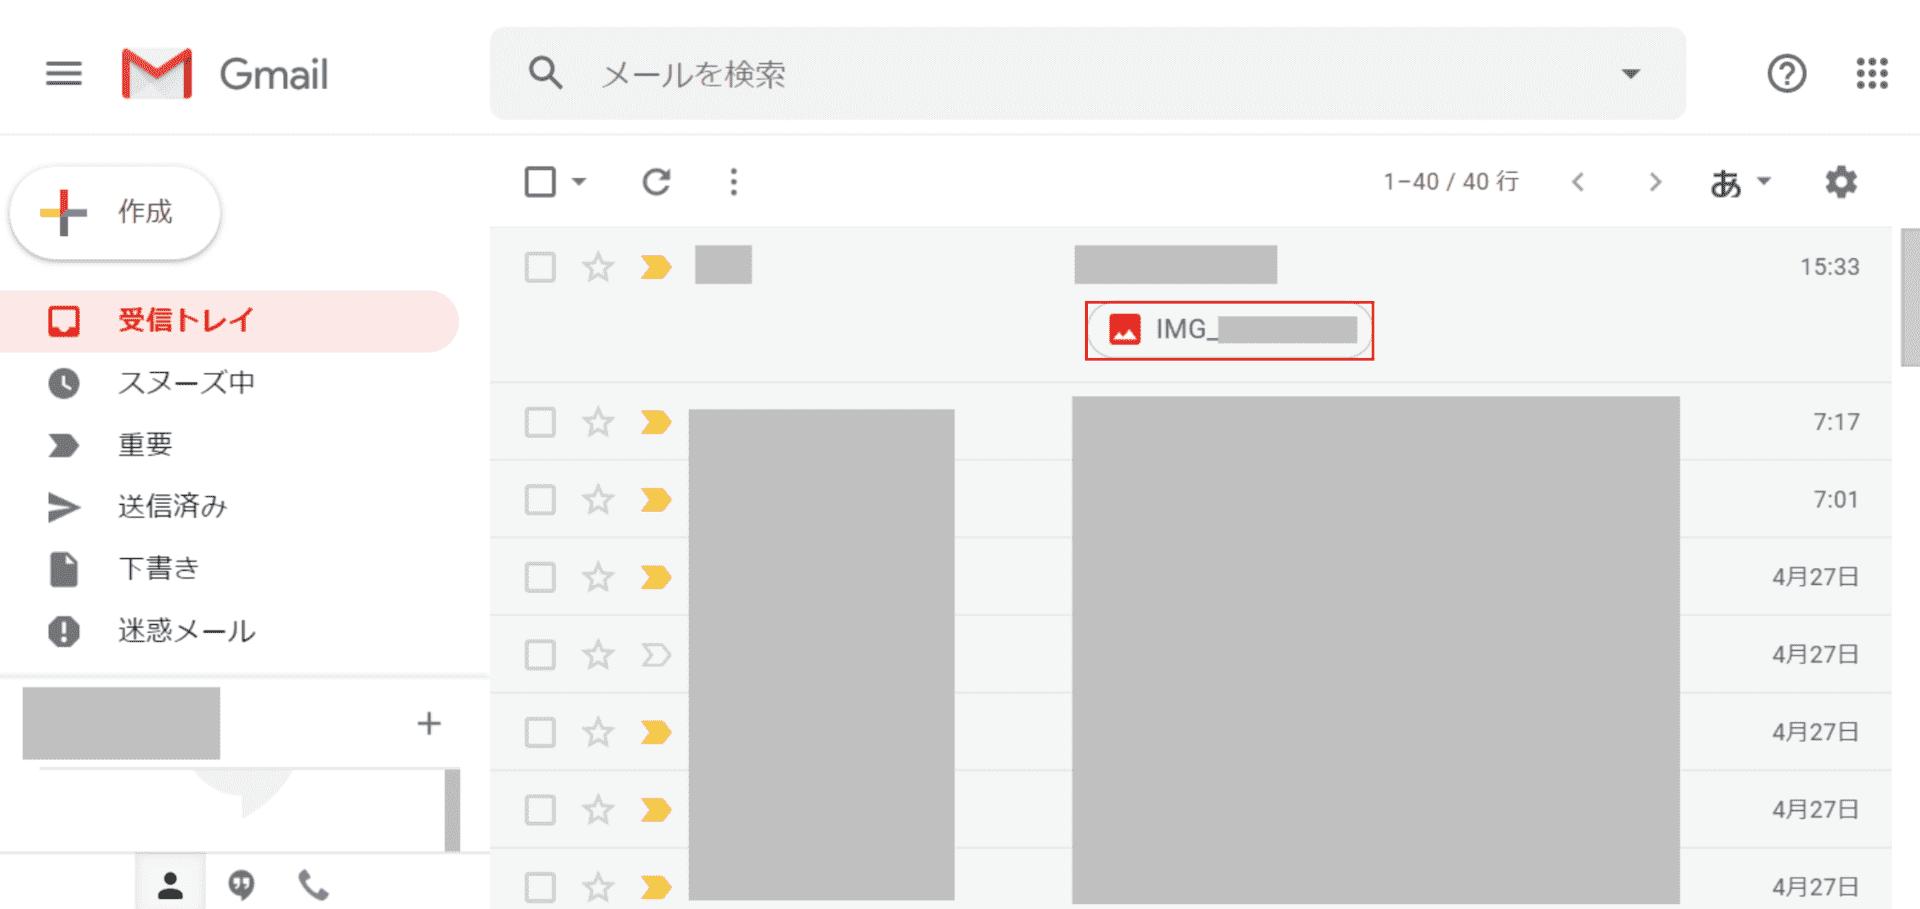 添付 ファイル 容量 gmail